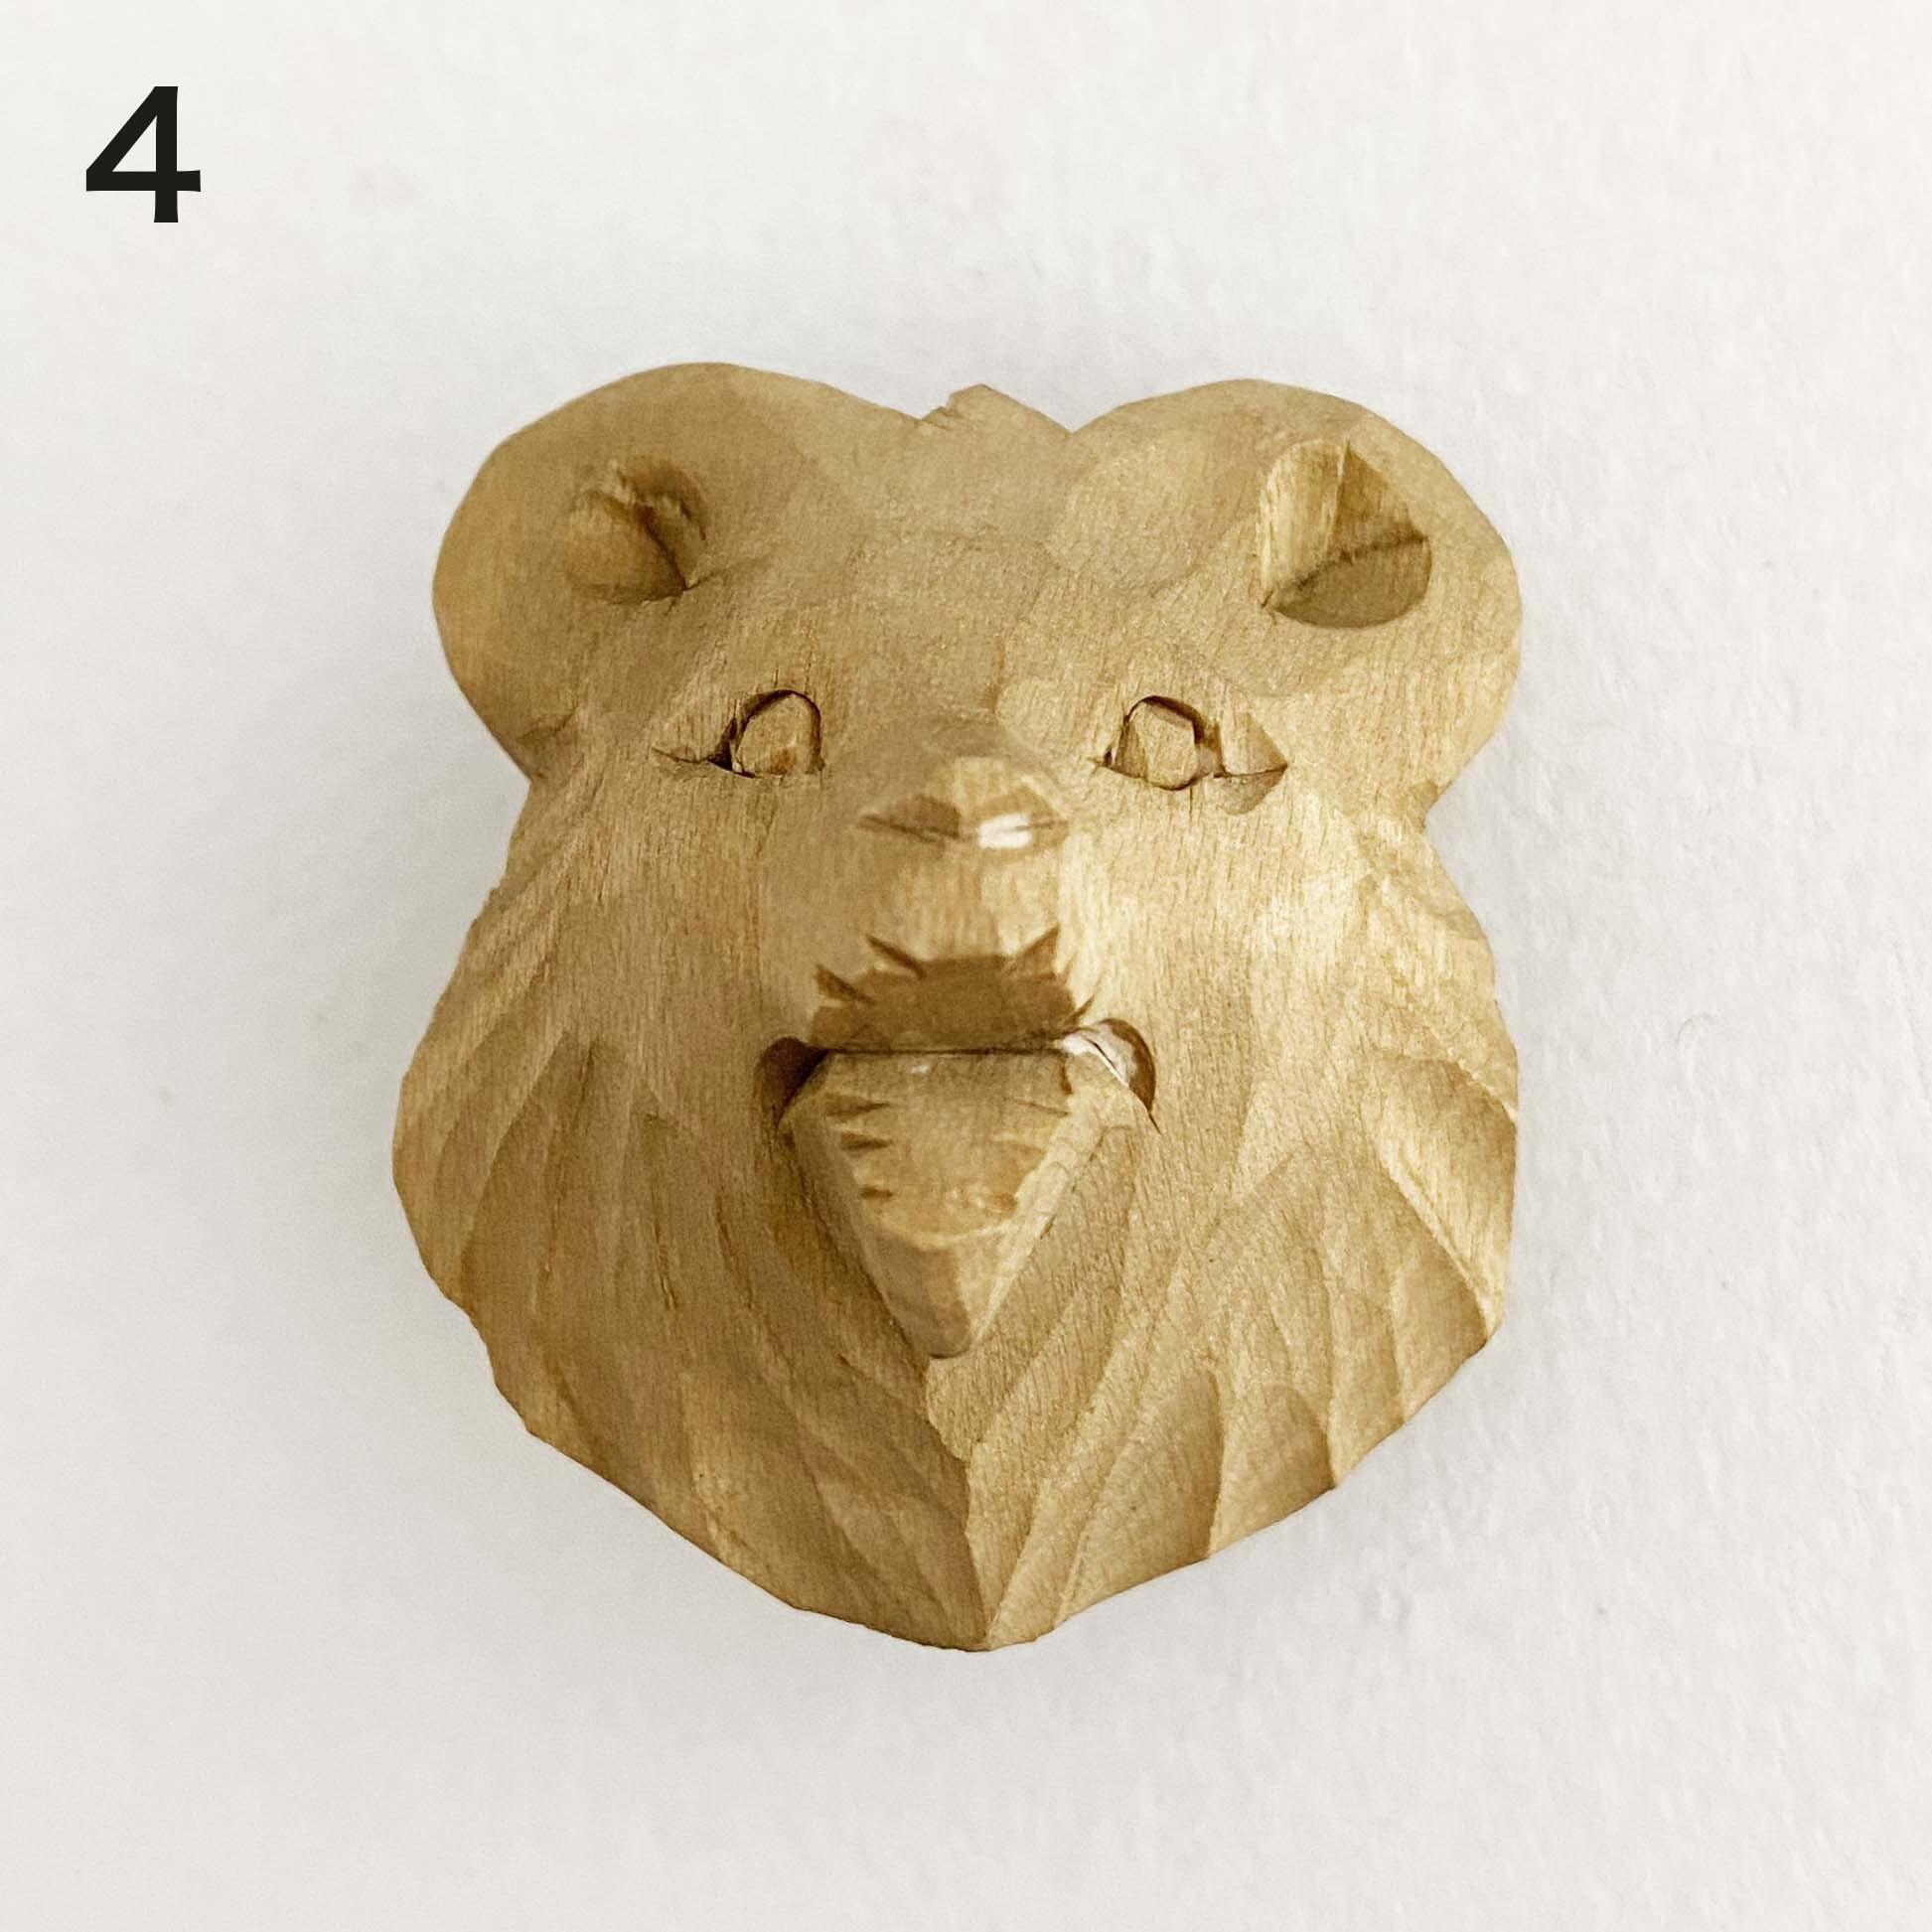 熊のループタイ / 小(ボゴロツコエ産)